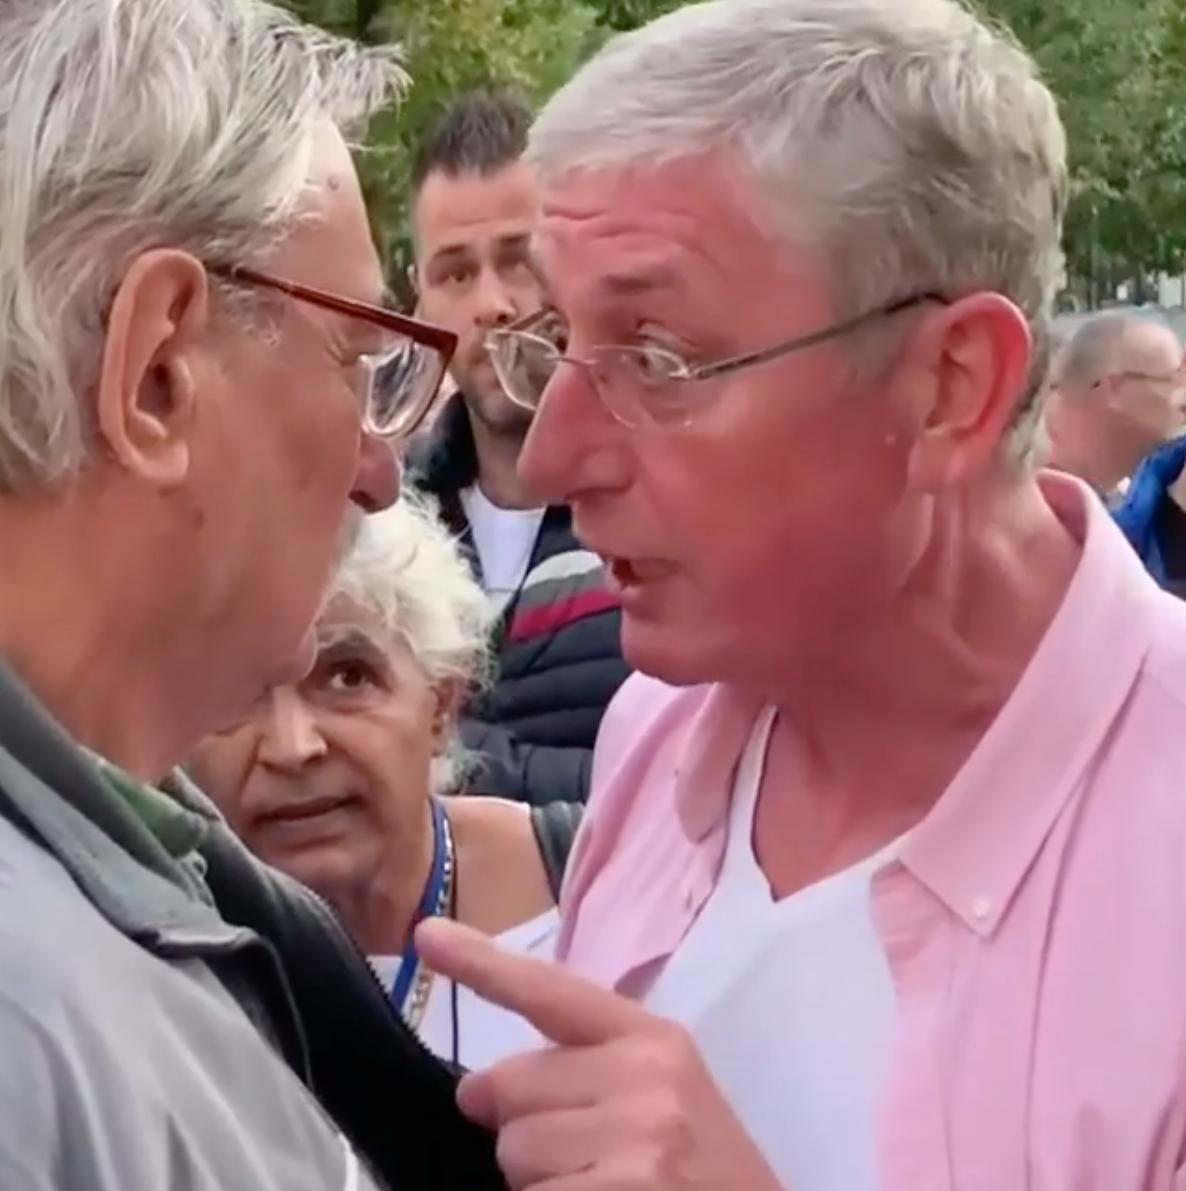 Üzent Gyurcsánynak az idős férfi, akire a DK elnöke rákiabált Debrecenben - részletek Bagi Iván álhíradójában